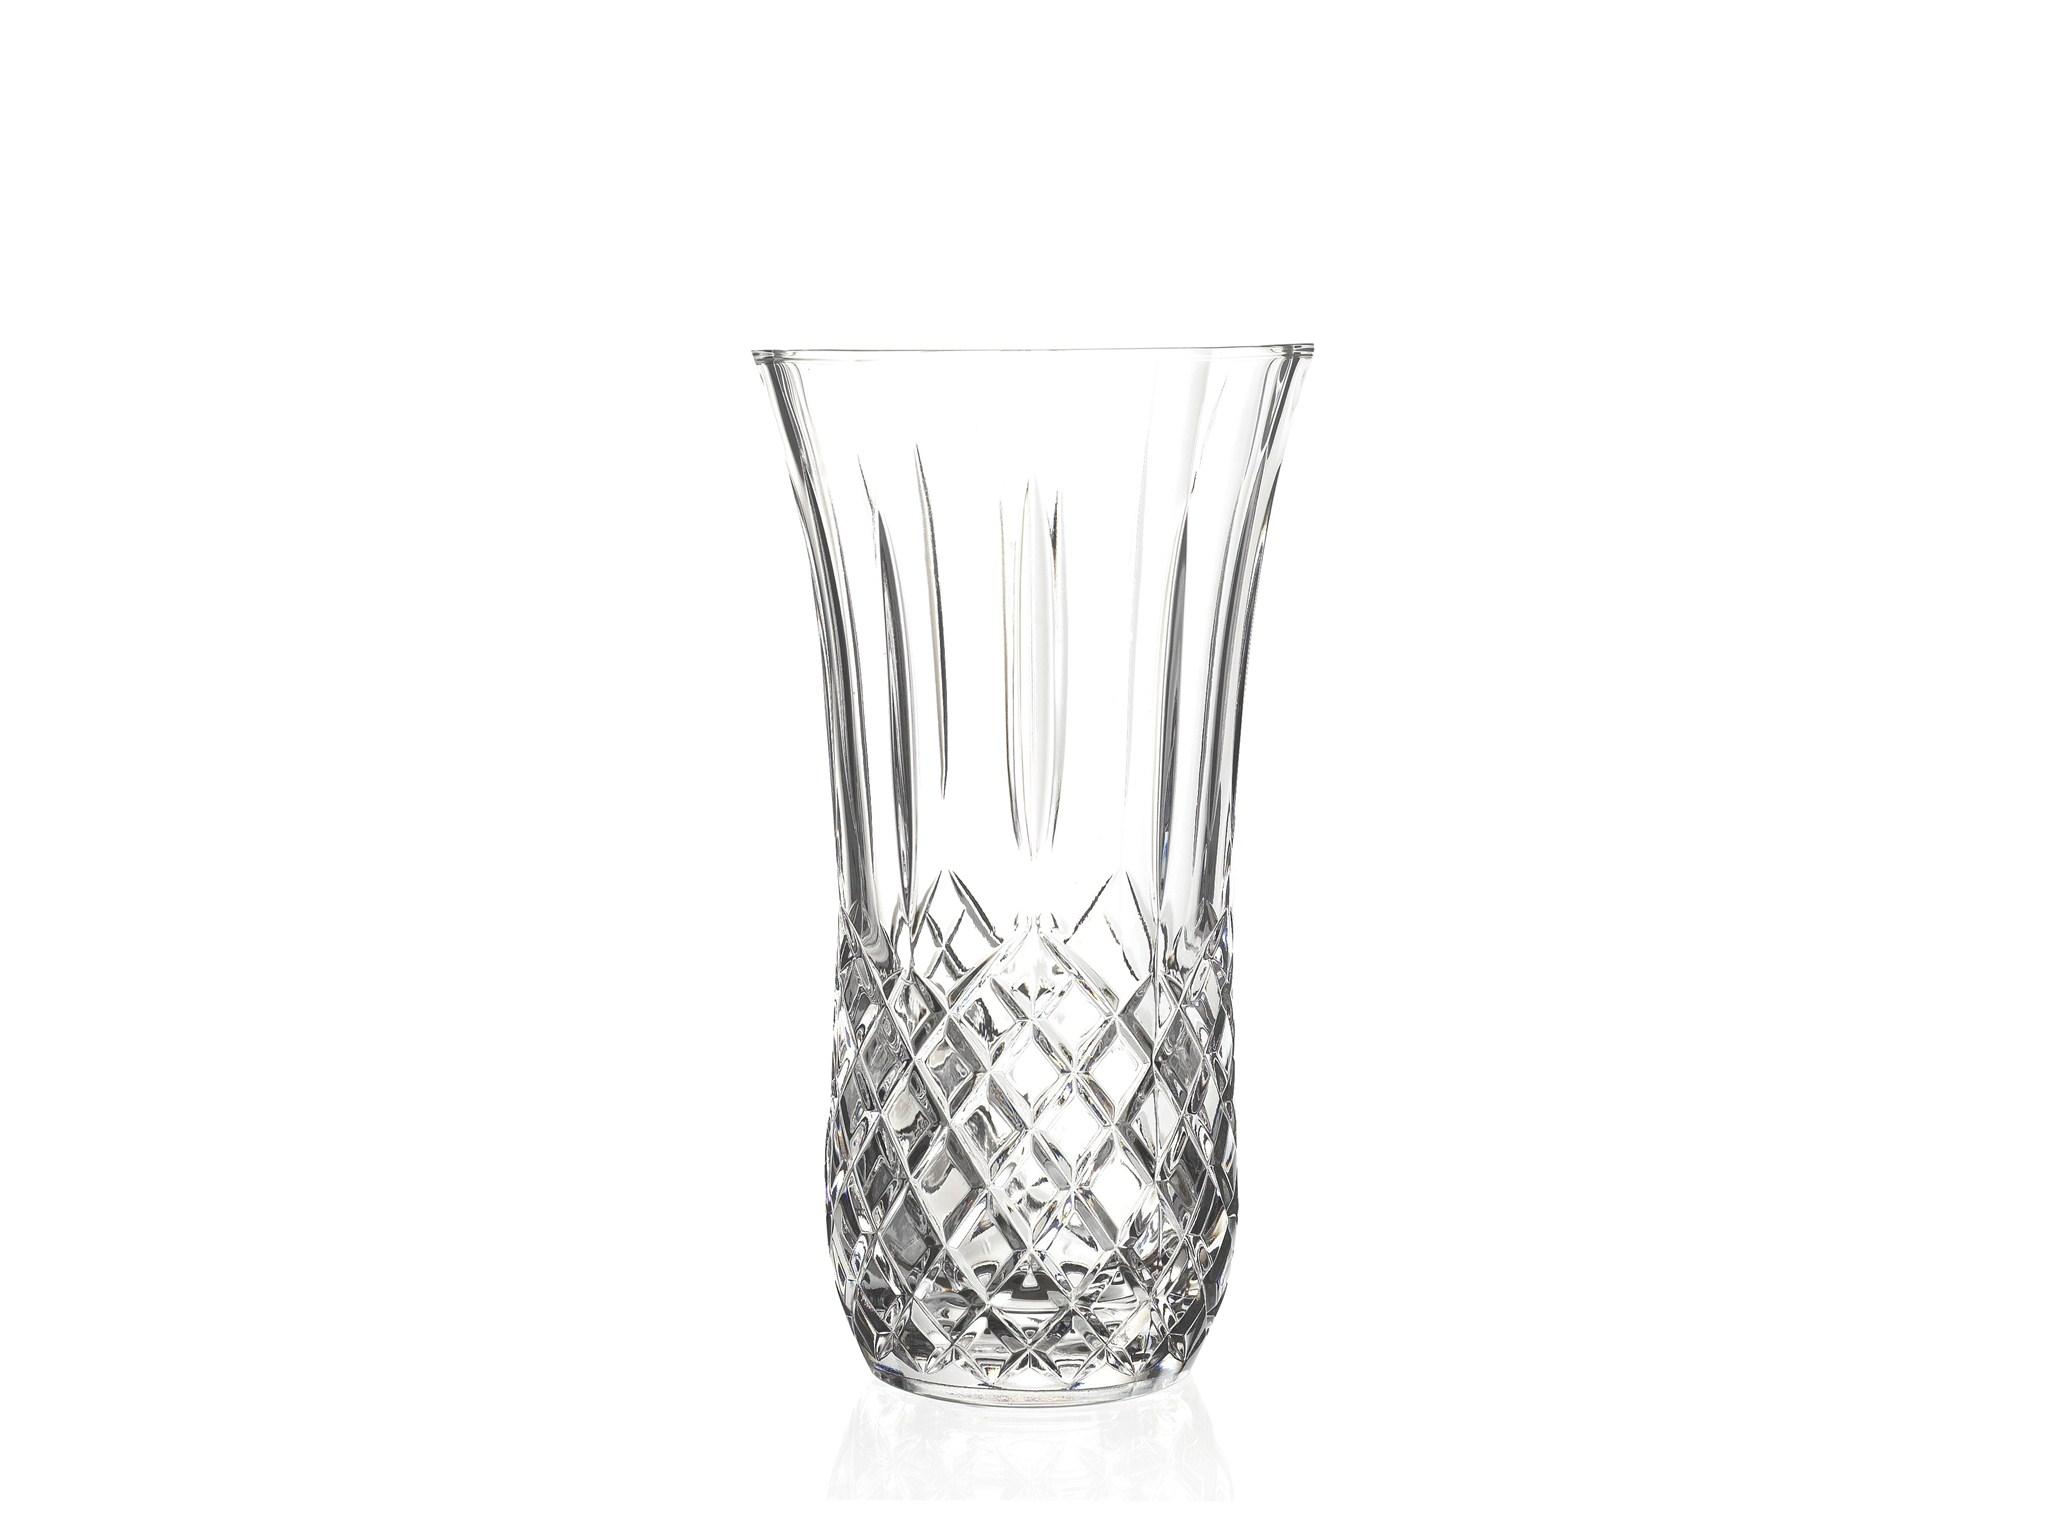 Afholte Vase 25cm Krystal Lyngby Melodia - Vaser - Hjem.dk SX-43